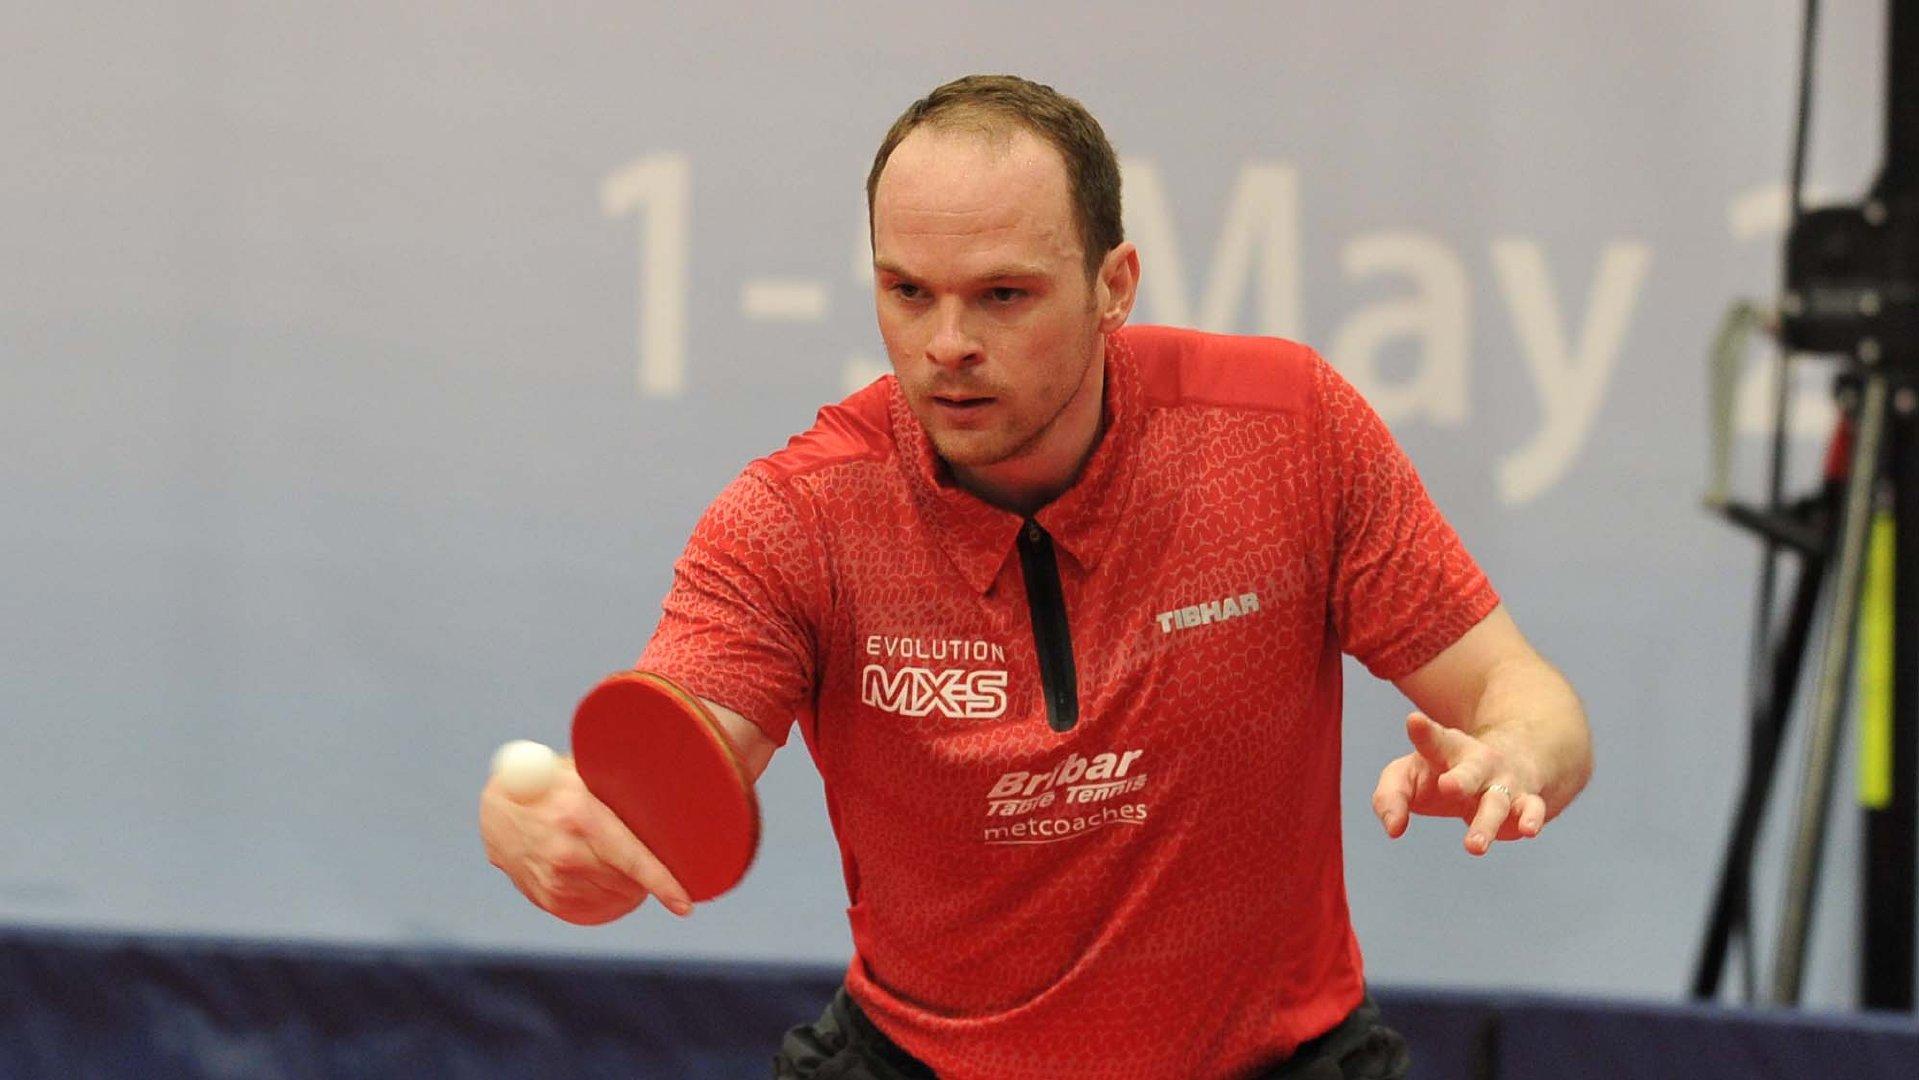 国际乒联挑战赛塞尔维亚公开赛,英格兰选手金克霍尔获得男单冠军